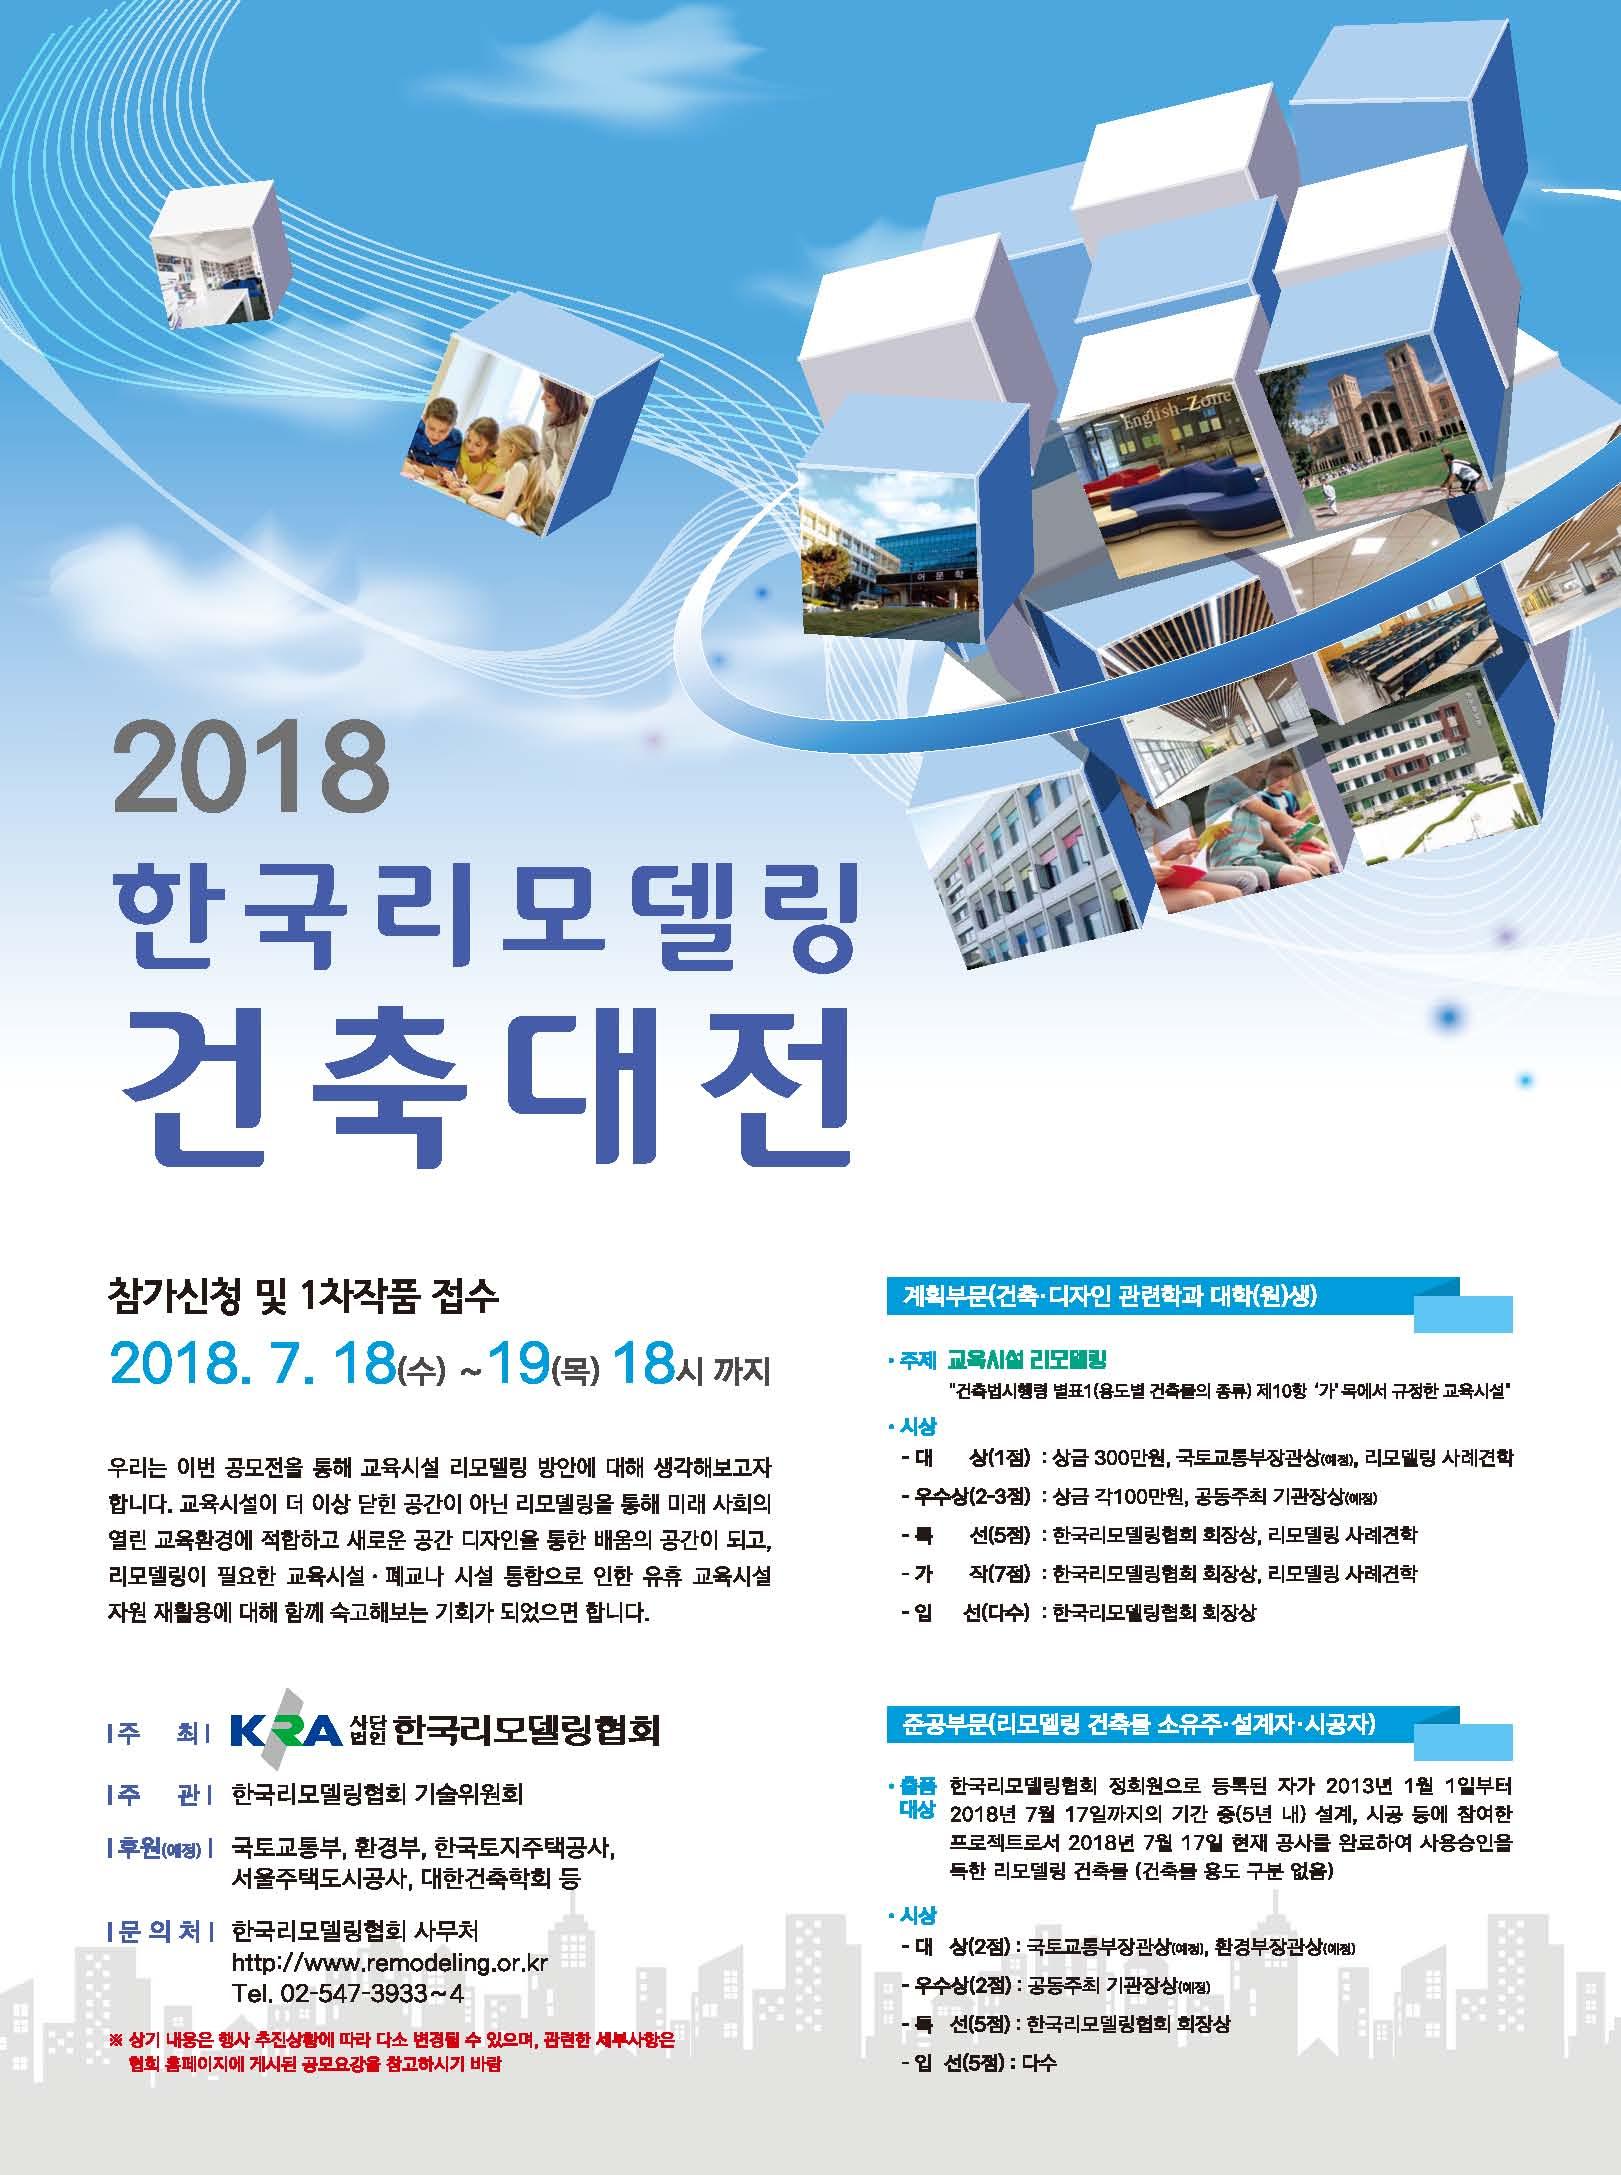 2018 한국리모델링건축대전